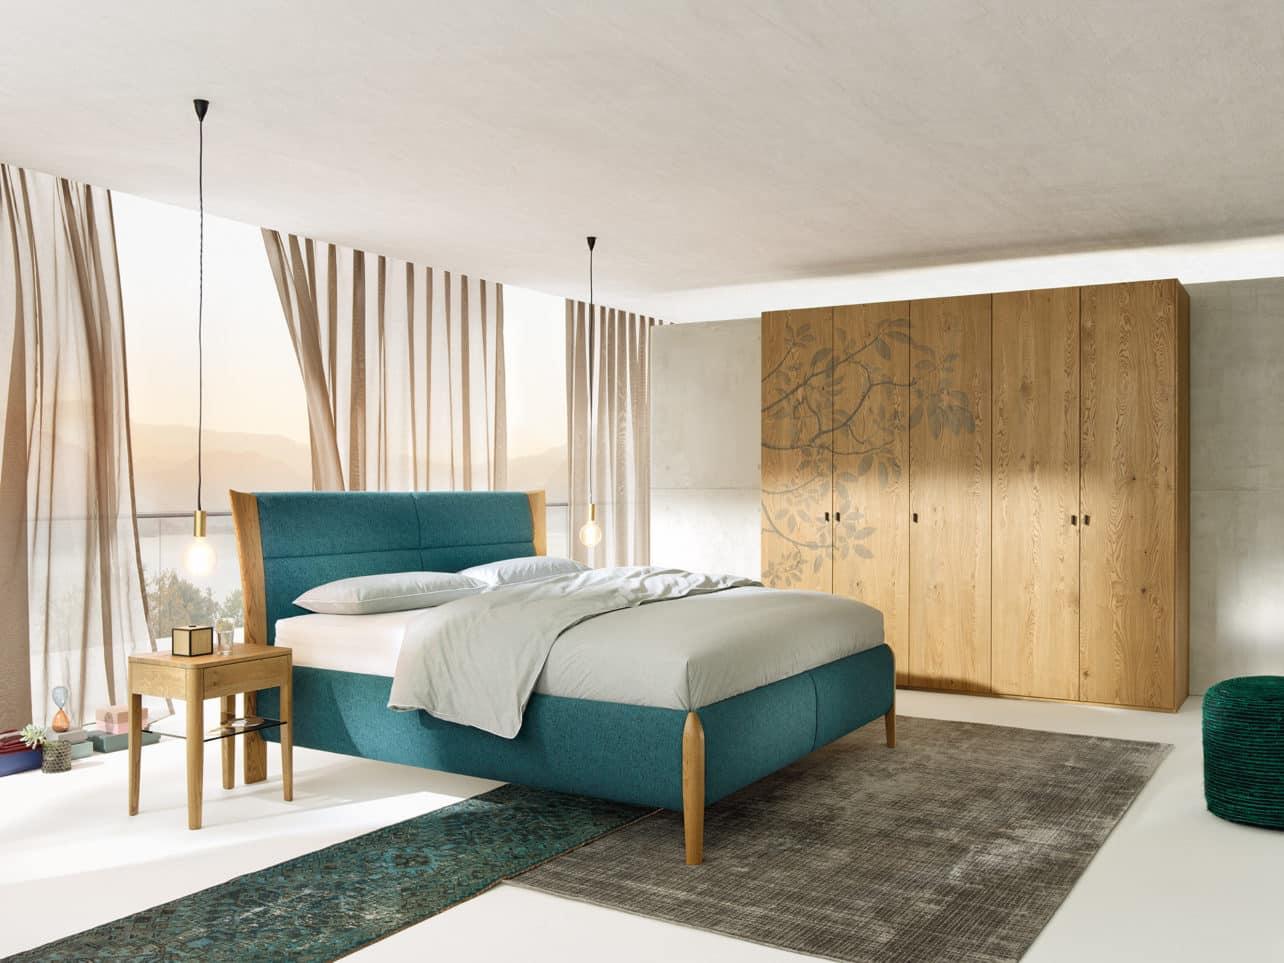 Schlafzimmer Mevisto in Asteiche gebürstet, barrique geölt.